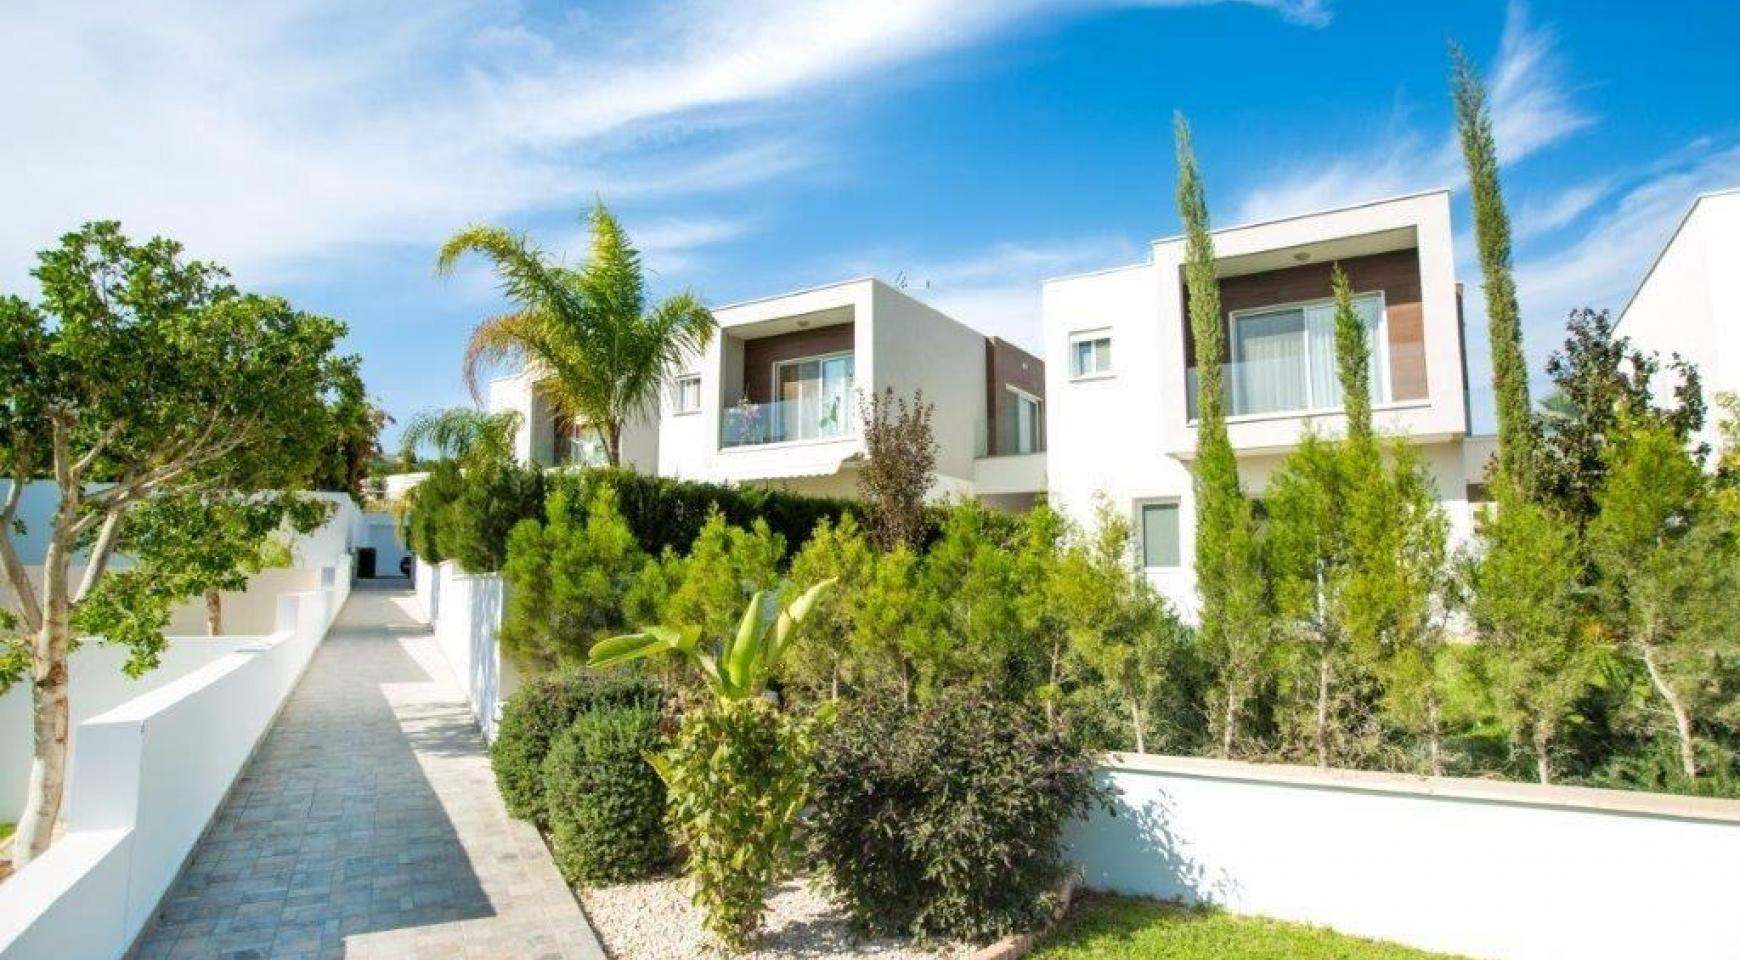 New 3 Bedroom Villa in Ipsonas Area - 6